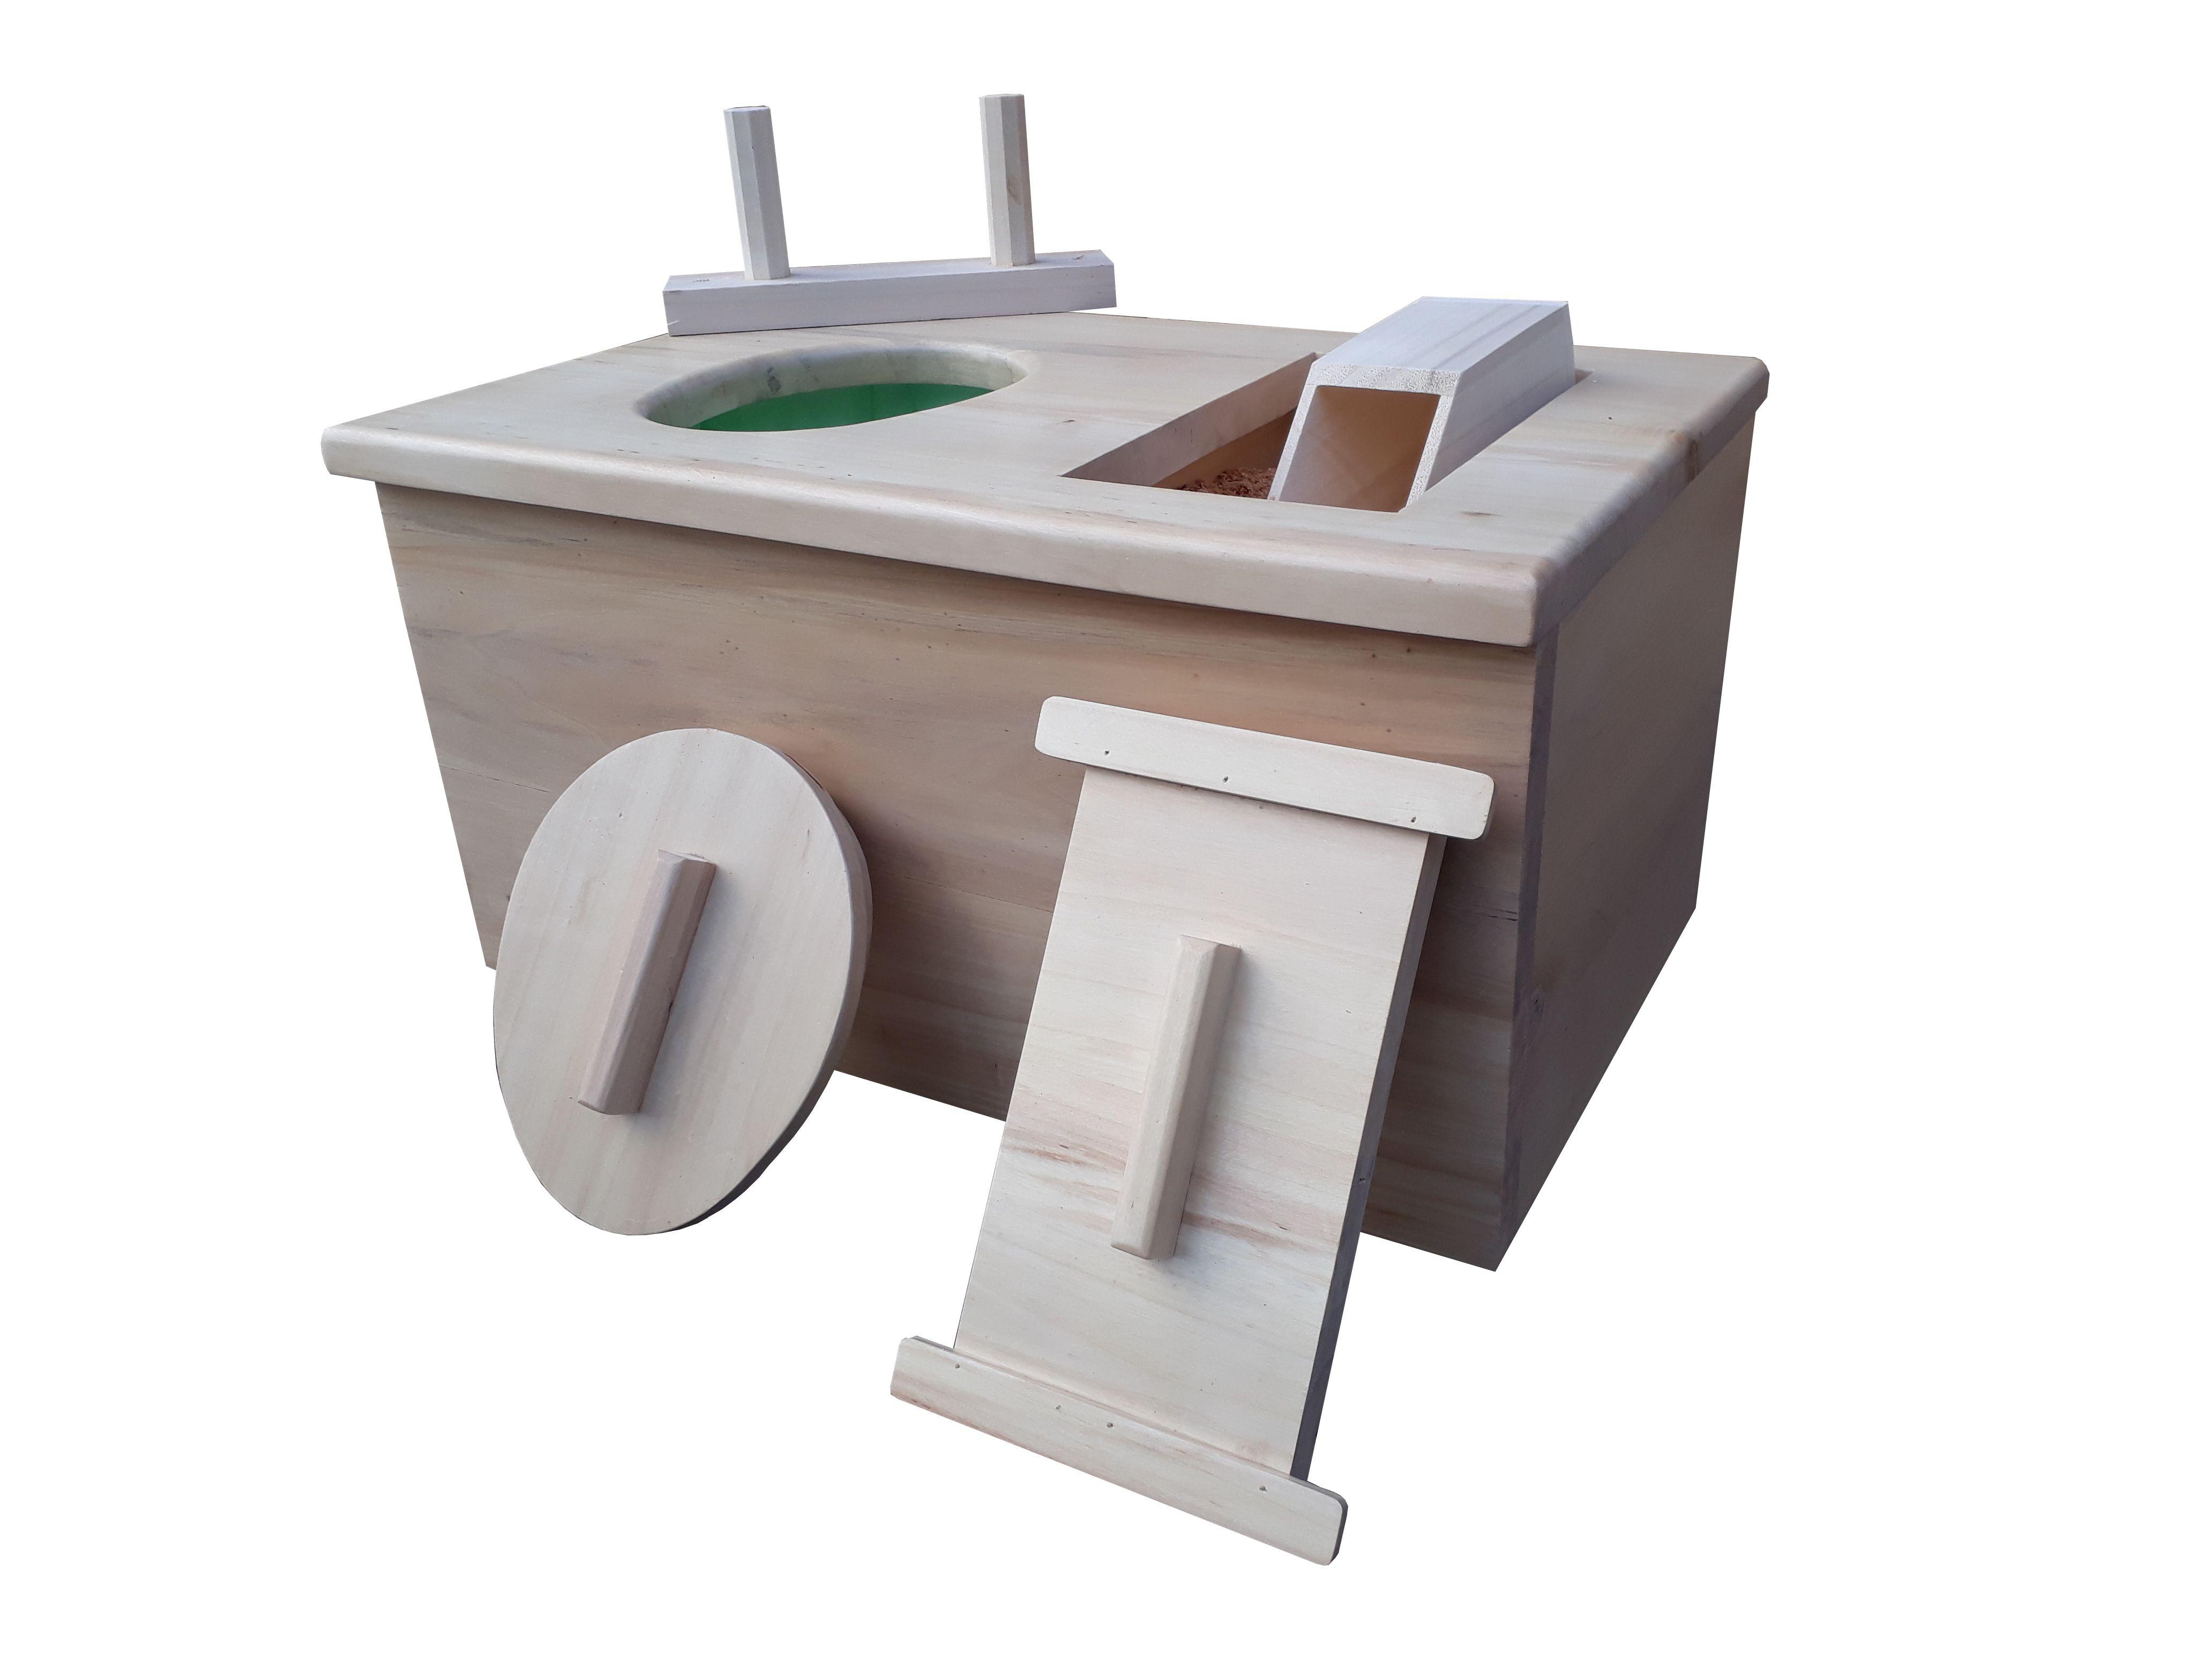 Toilettes Sèche Et Accessoires Pour Enfants | Toilette dedans Toilettes Seches Vente